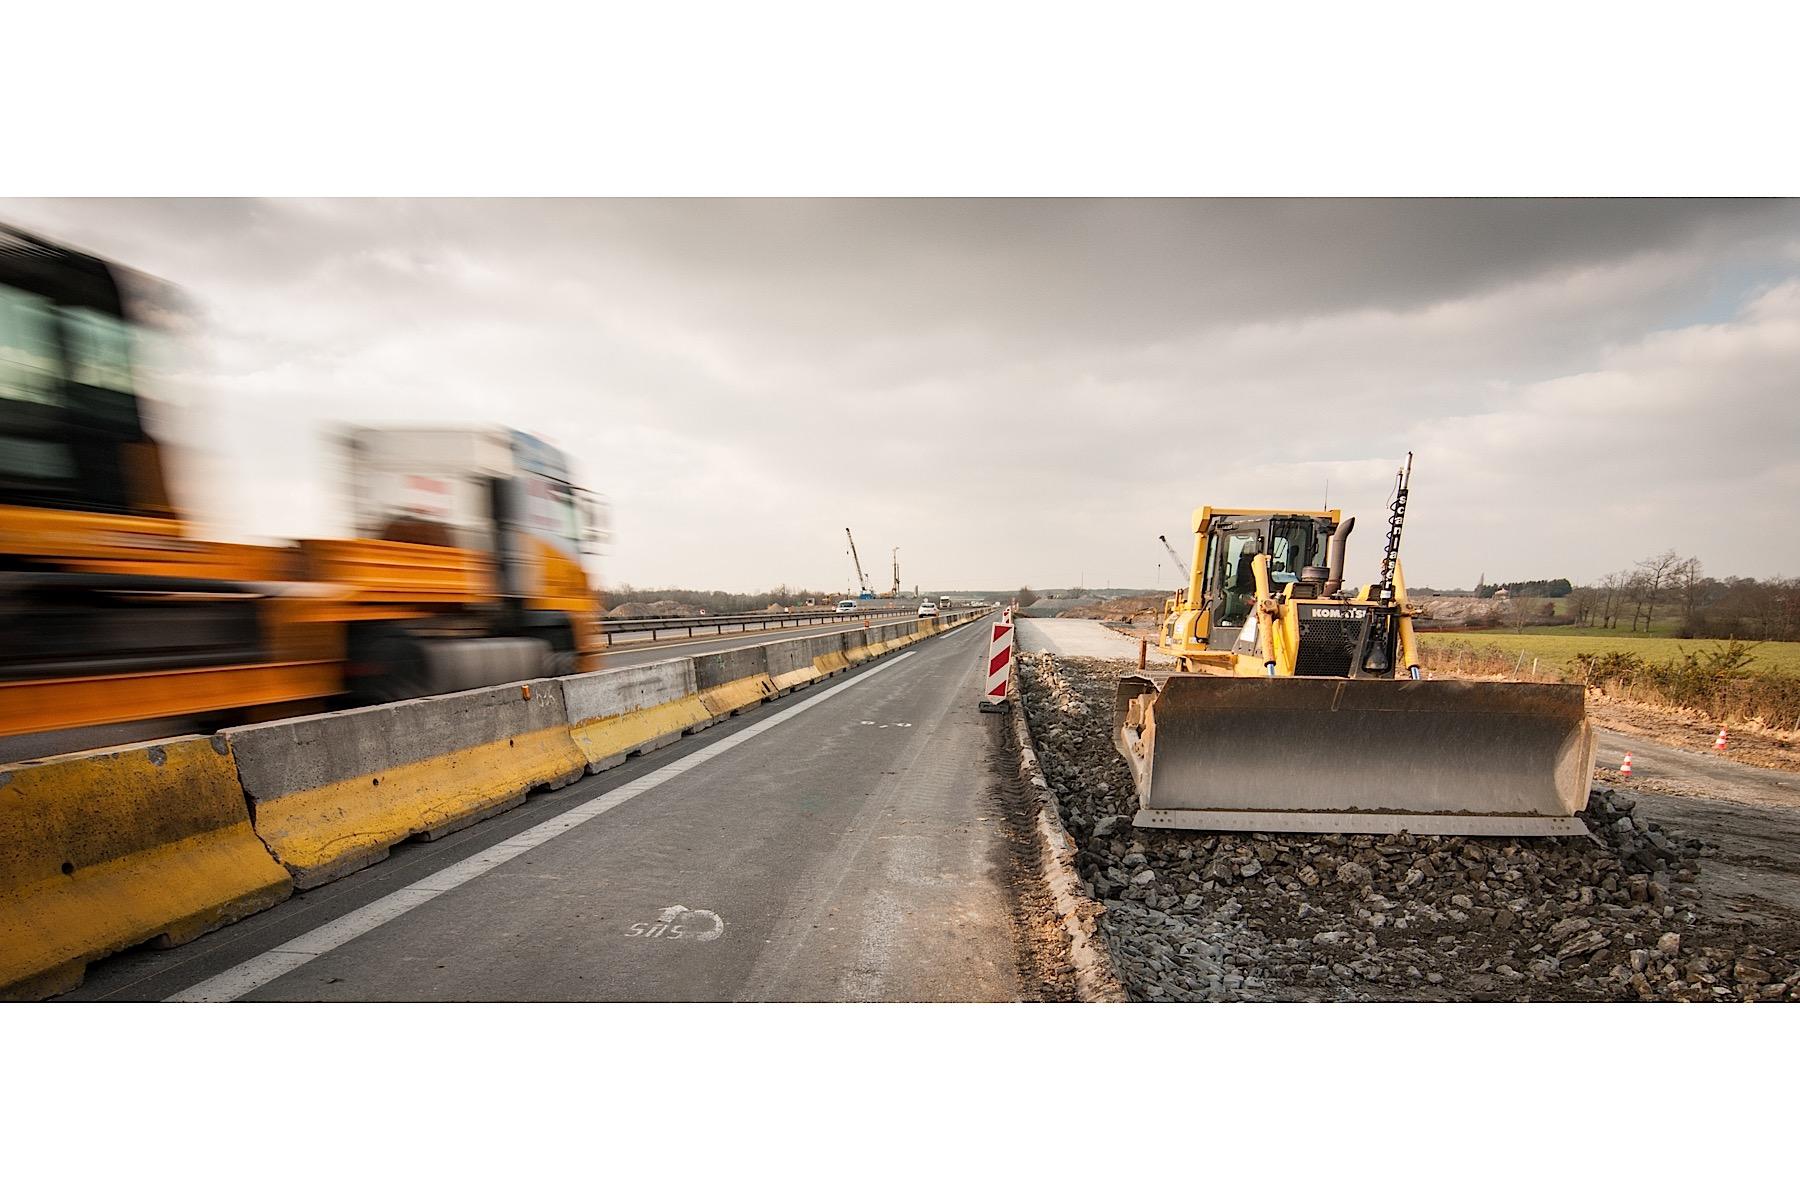 eurovia suivi photo de chantier changeur d 39 autoroute 1 2 atypix photographie d. Black Bedroom Furniture Sets. Home Design Ideas